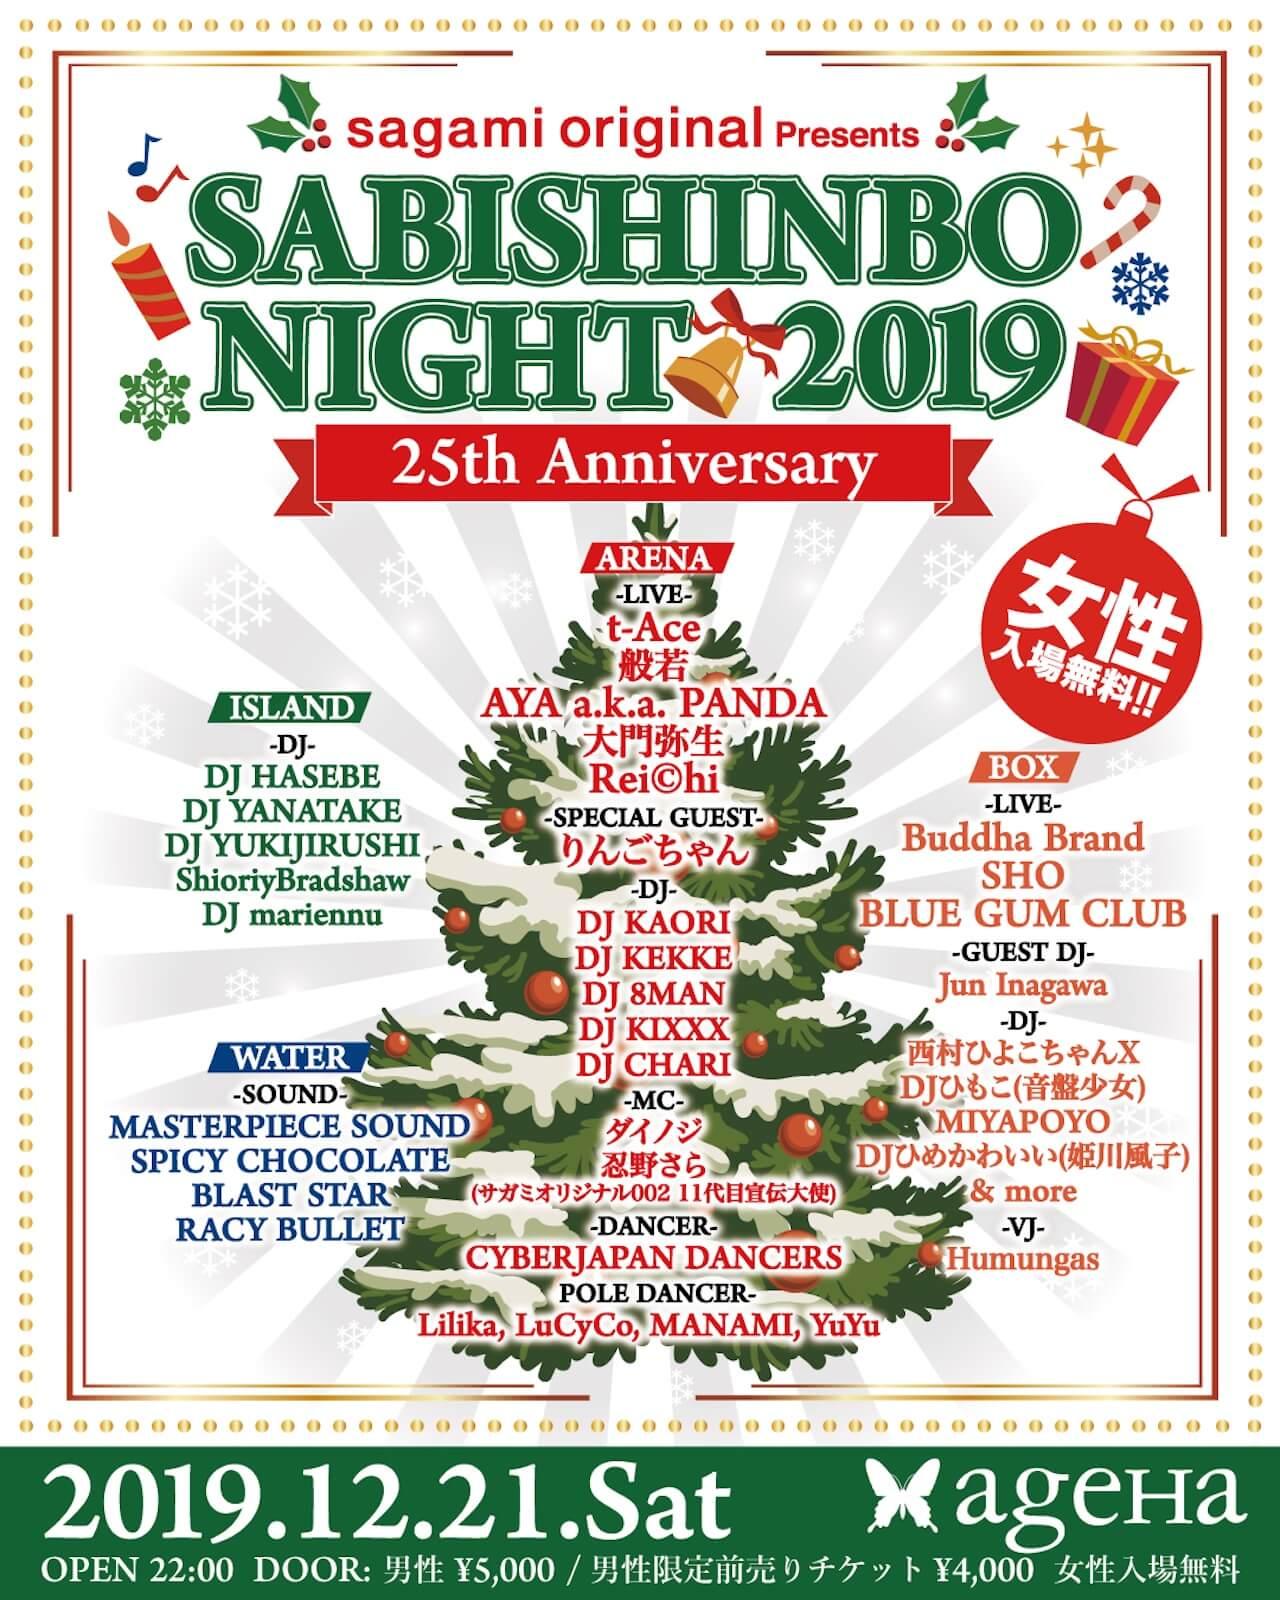 25周年!女性無料のクリスマスイベント sagami original presents<SABISHINBO NIGHT 2019>に、りんごちゃん、般若、Buddha Brandが登場 music191219_sabishinbo2019_5